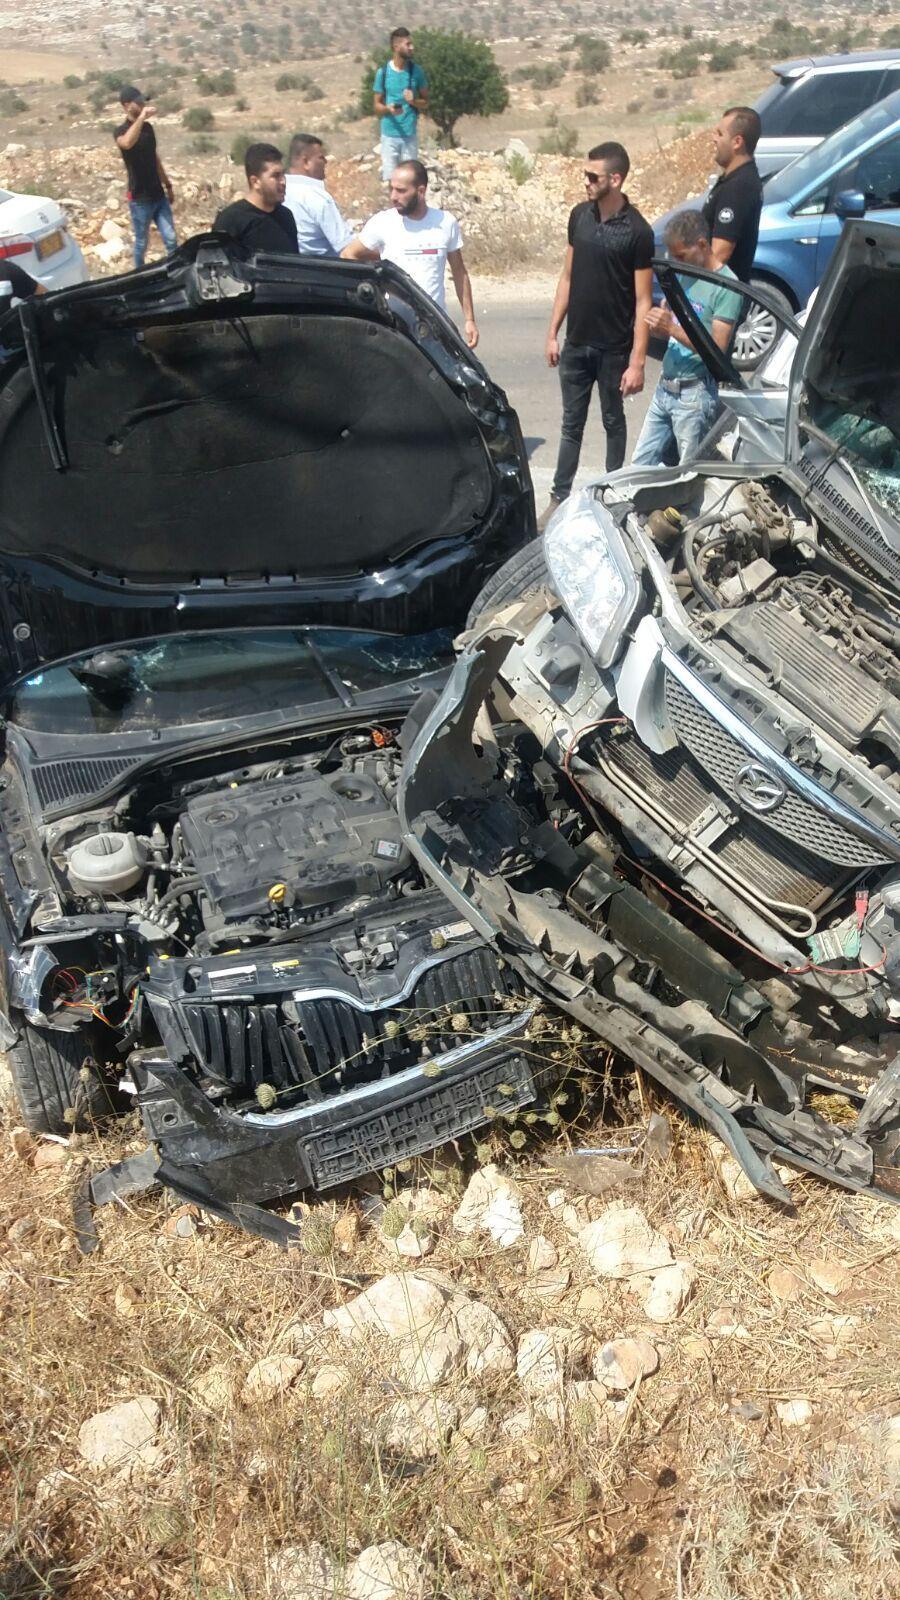 جنين: قتيلة من عرابة و6 إصابات بحادث طرق